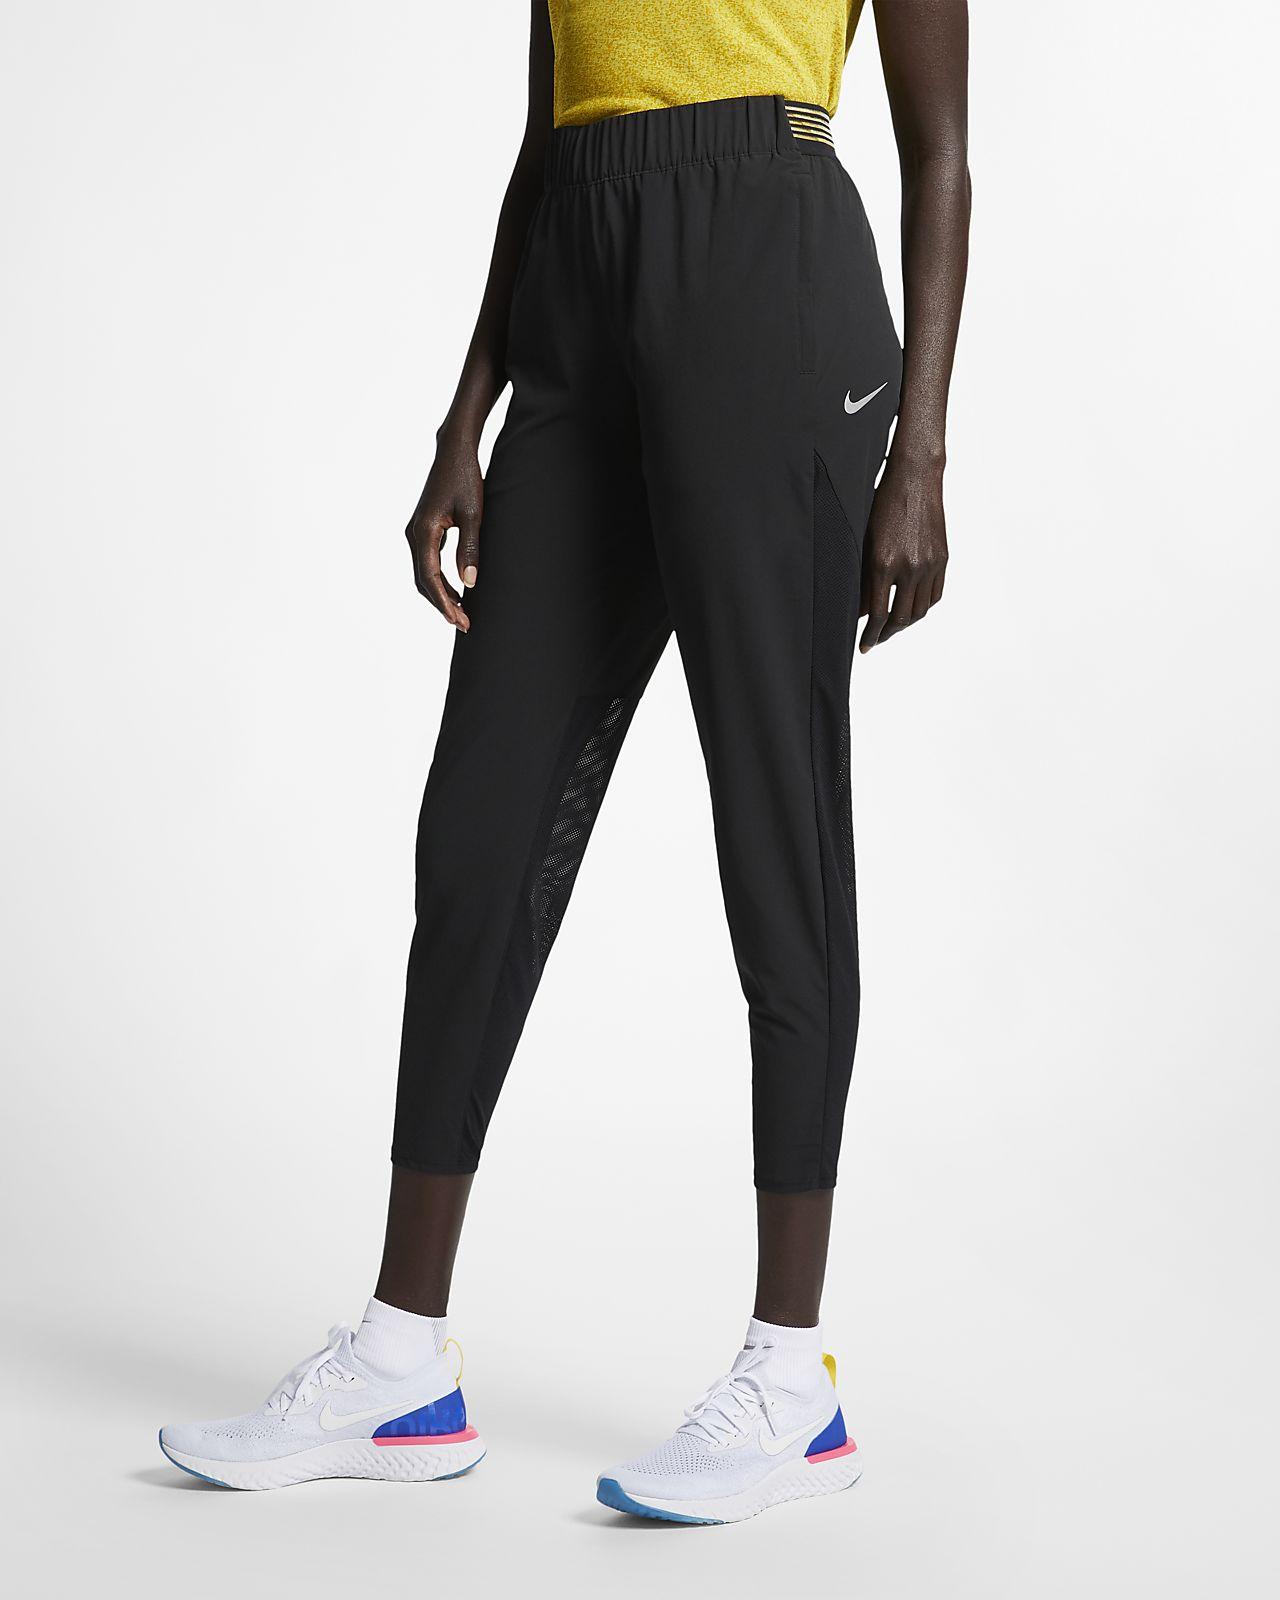 Pantalon de running Nike Flex Essential pour Femme